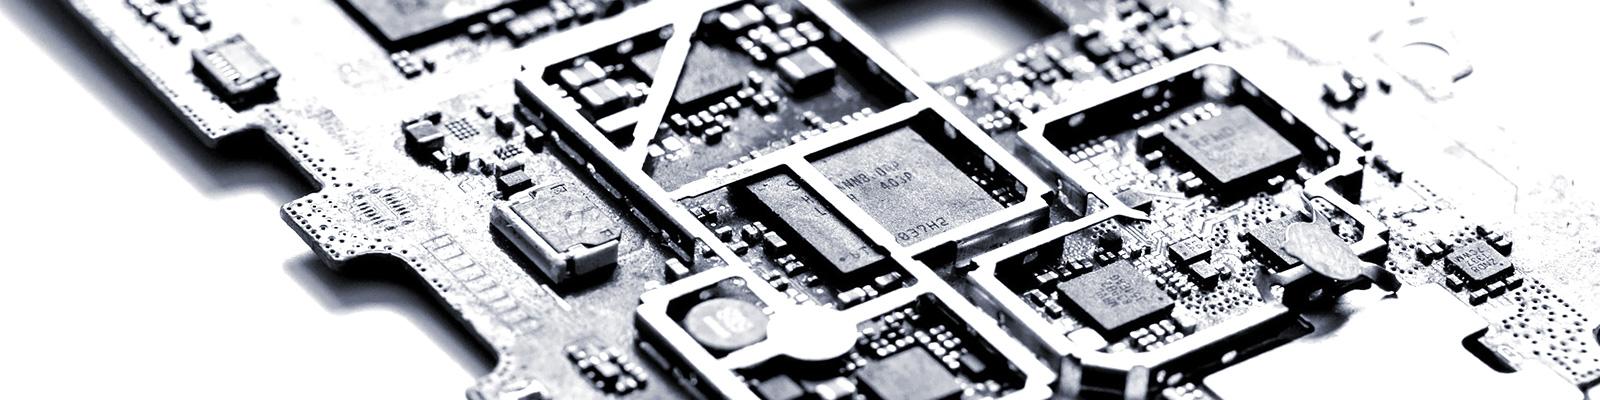 IoT チップ 組み込み イメージ